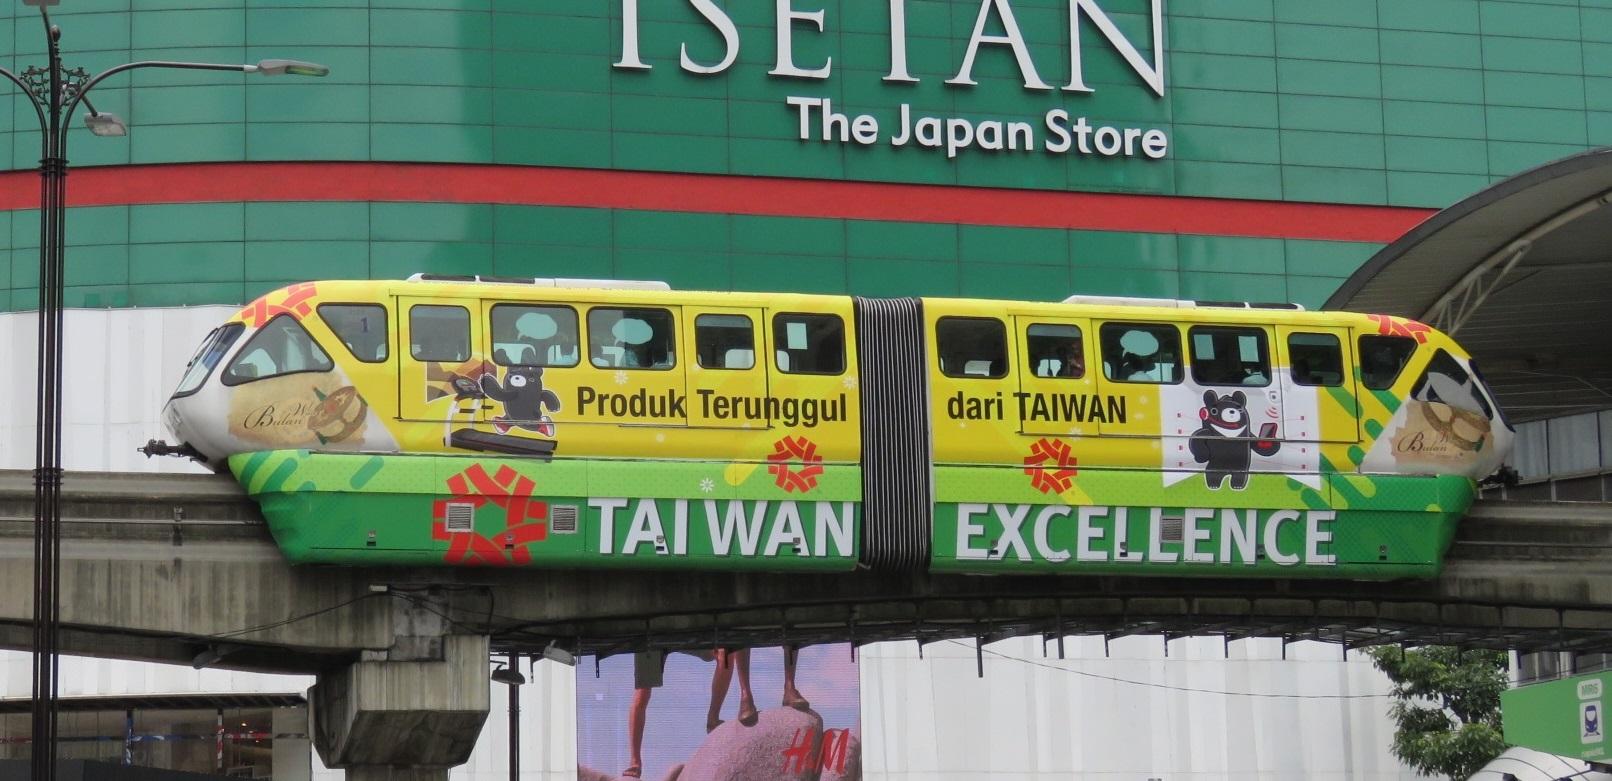 「台灣精品」斗大的TAIWAN EXCELLENCE 标志在单轨电车上显眼夺目。